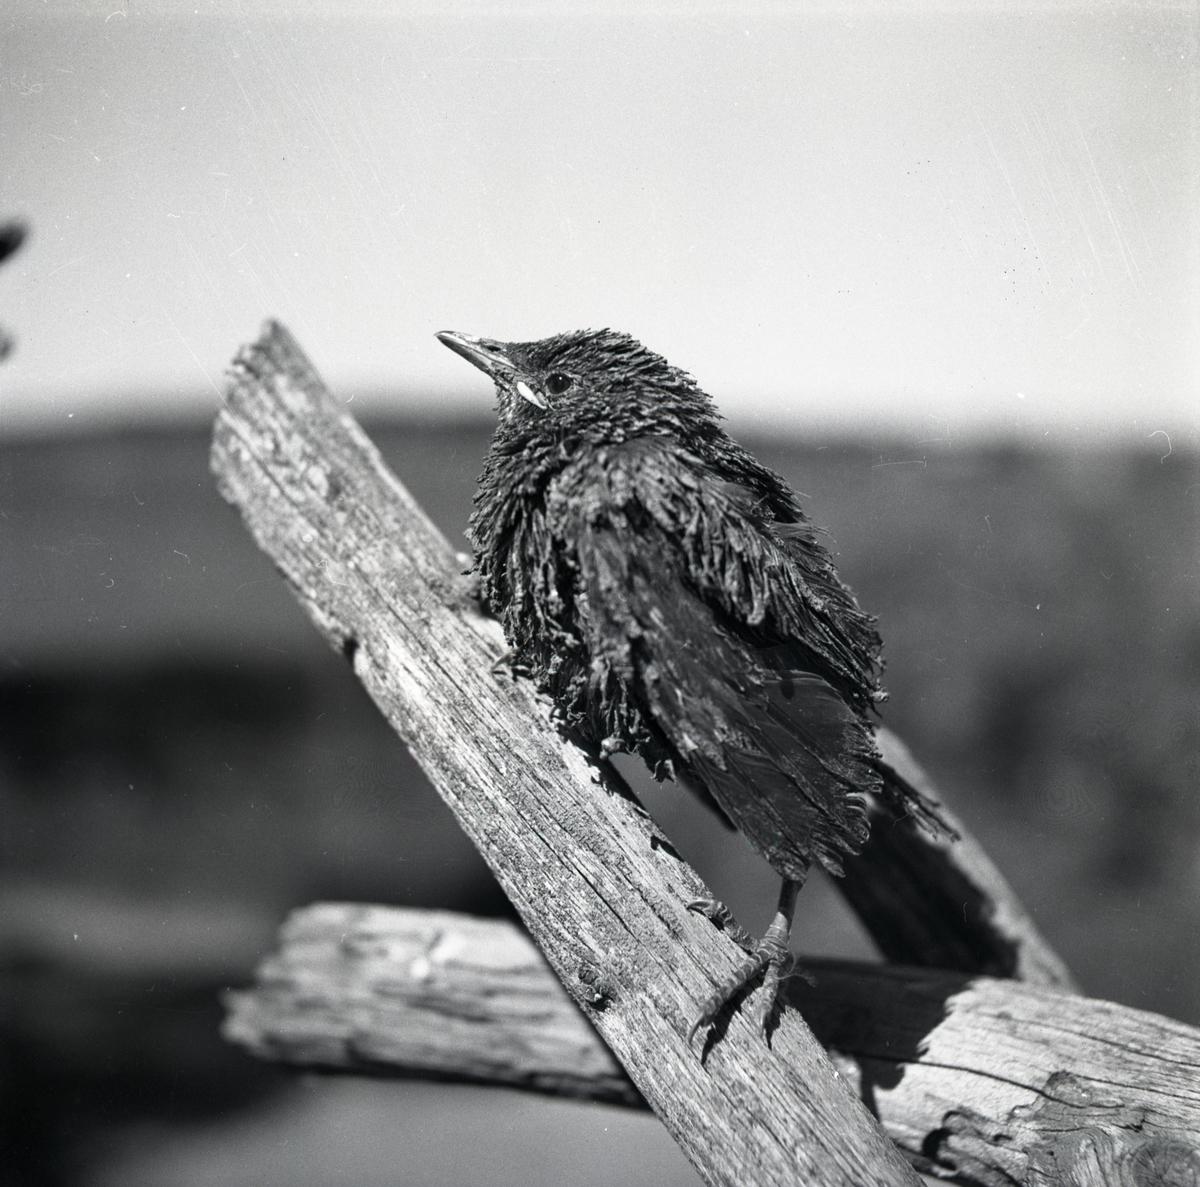 En starunge sitter på en gärdesgård, 11 september 1951.